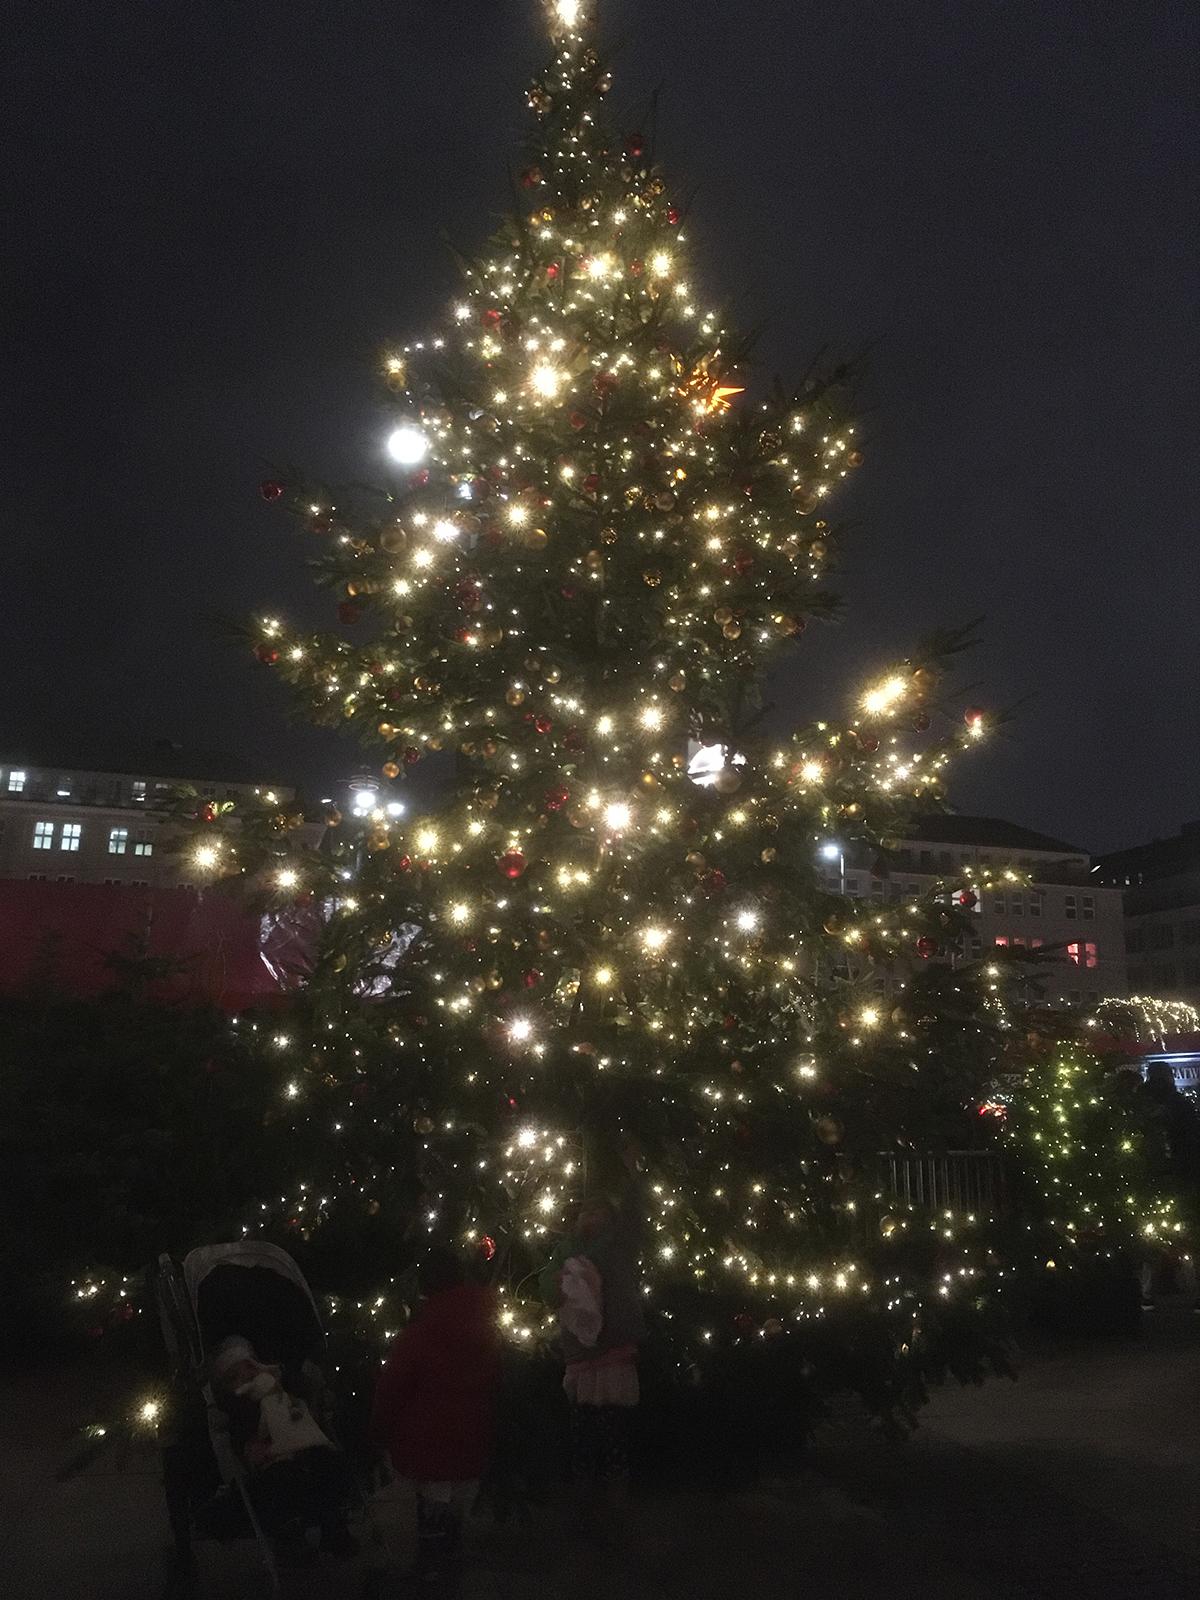 Rathaus Marktにあった大きなクリスマスツリー